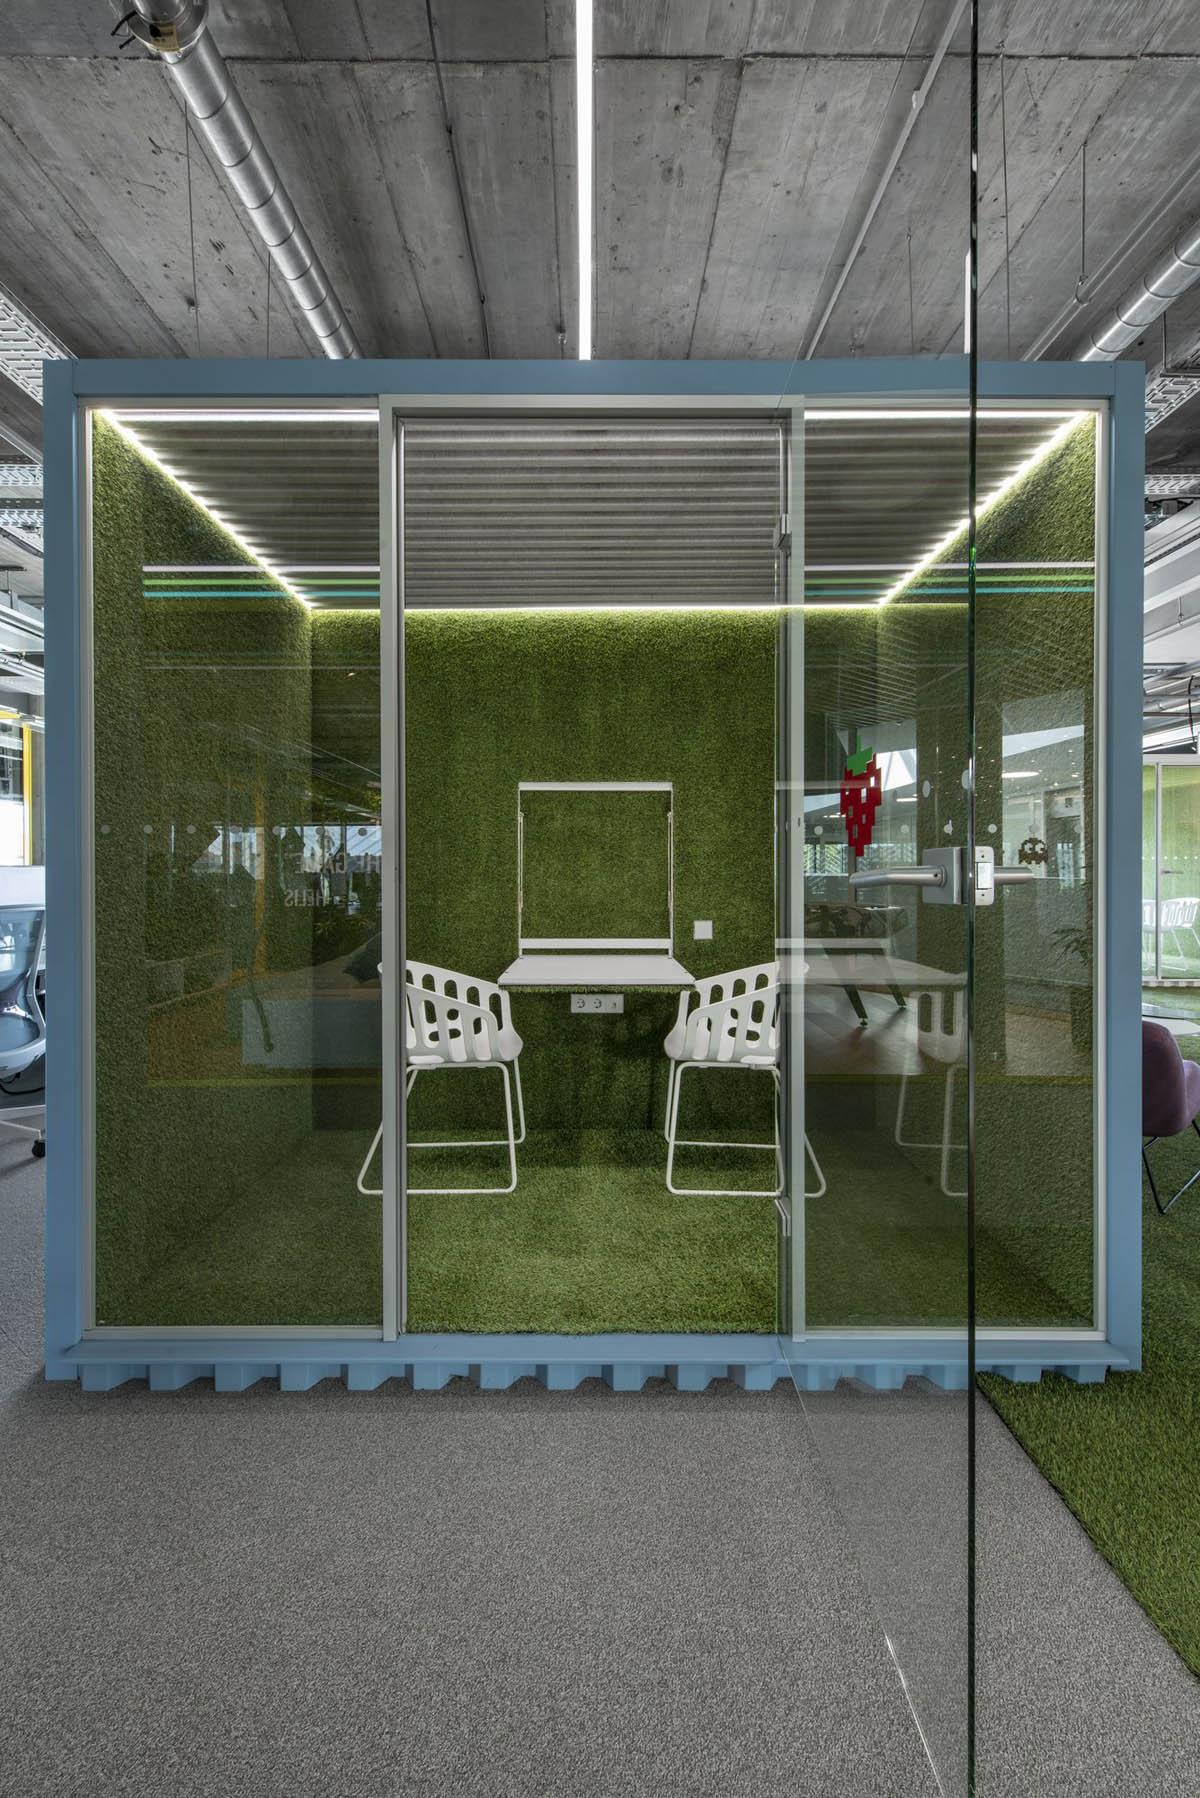 800㎡办公空间设计,精通空间布局,诠释工作态度|LAVA studio - 20